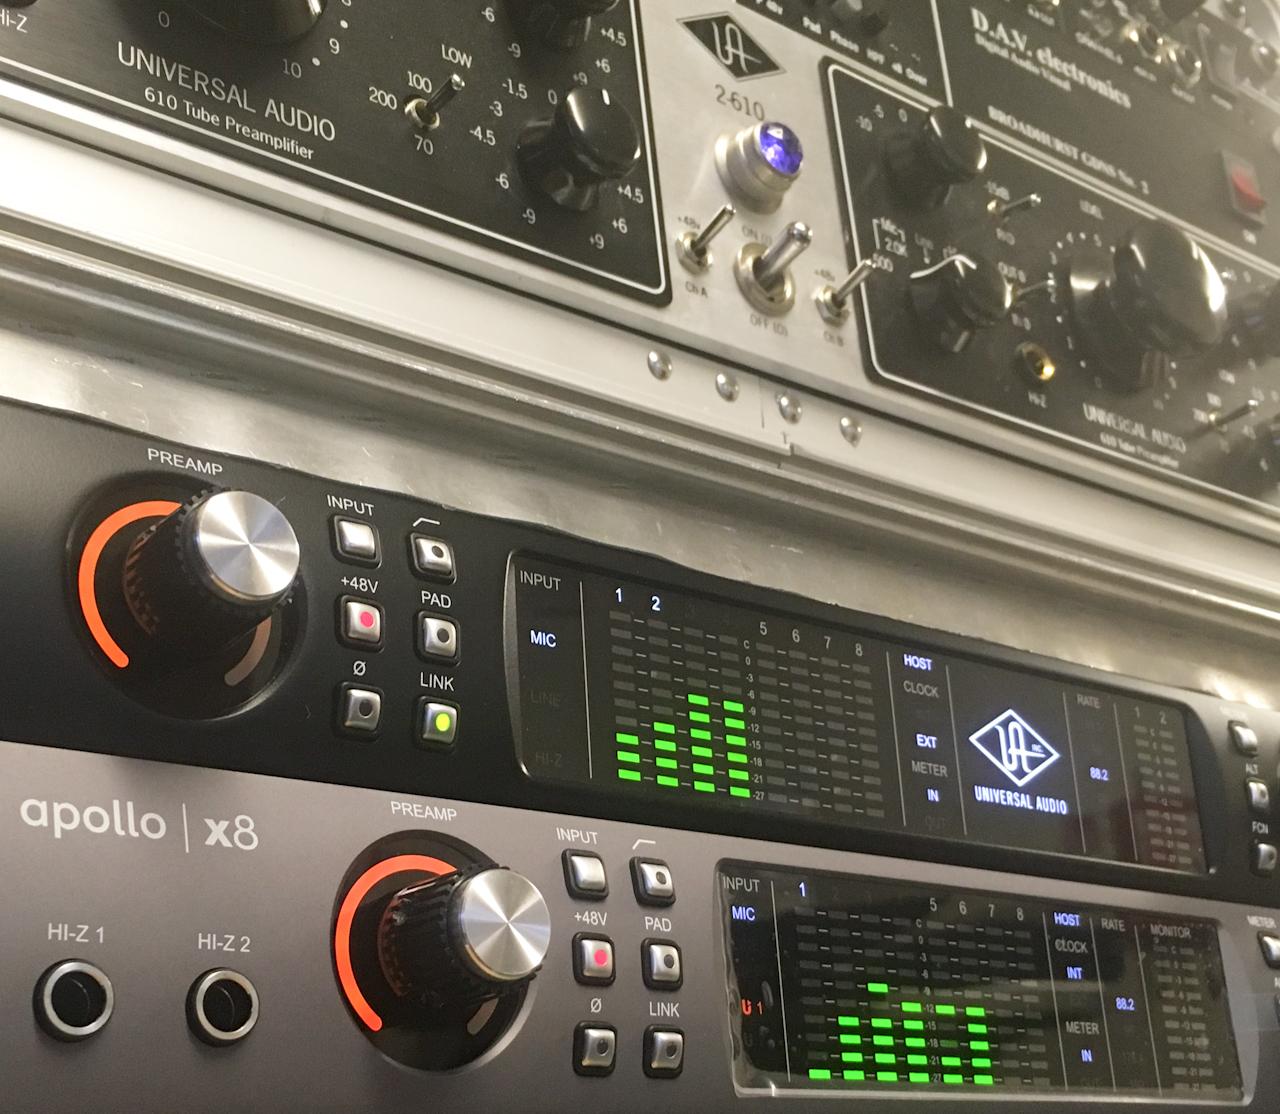 Apollo x8 mobile recording rig with UA 2/610